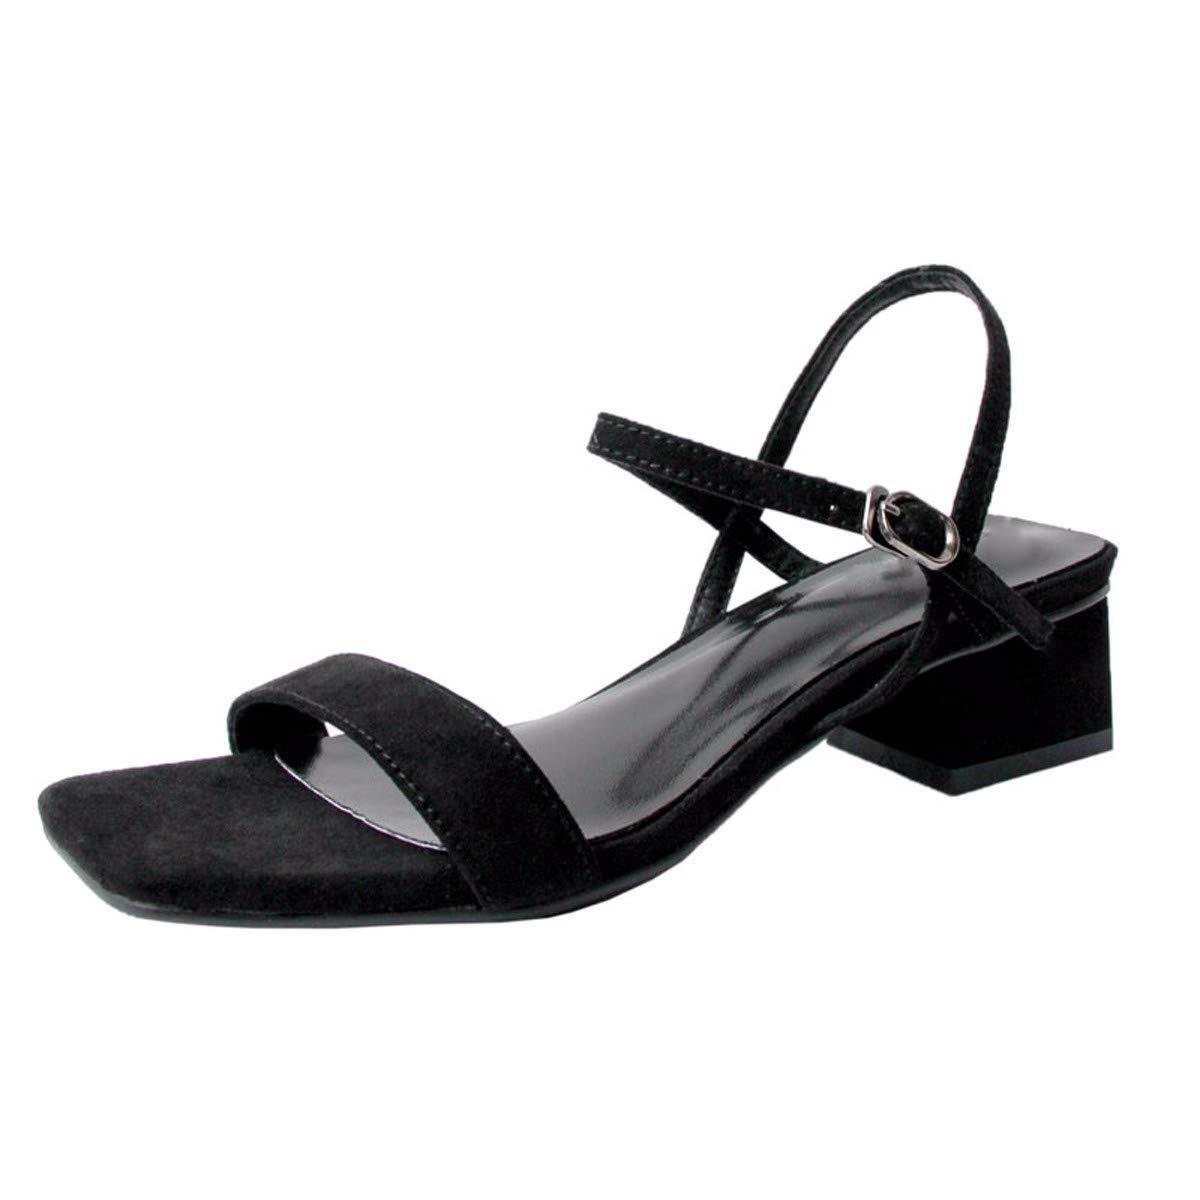 KPHY-Einzelne Schnallen Dicke Schuhe Square - Low Heels Hundert Damenschuhe Nahen Schuhe Sandalen Und Mädchen.37 Schwarz